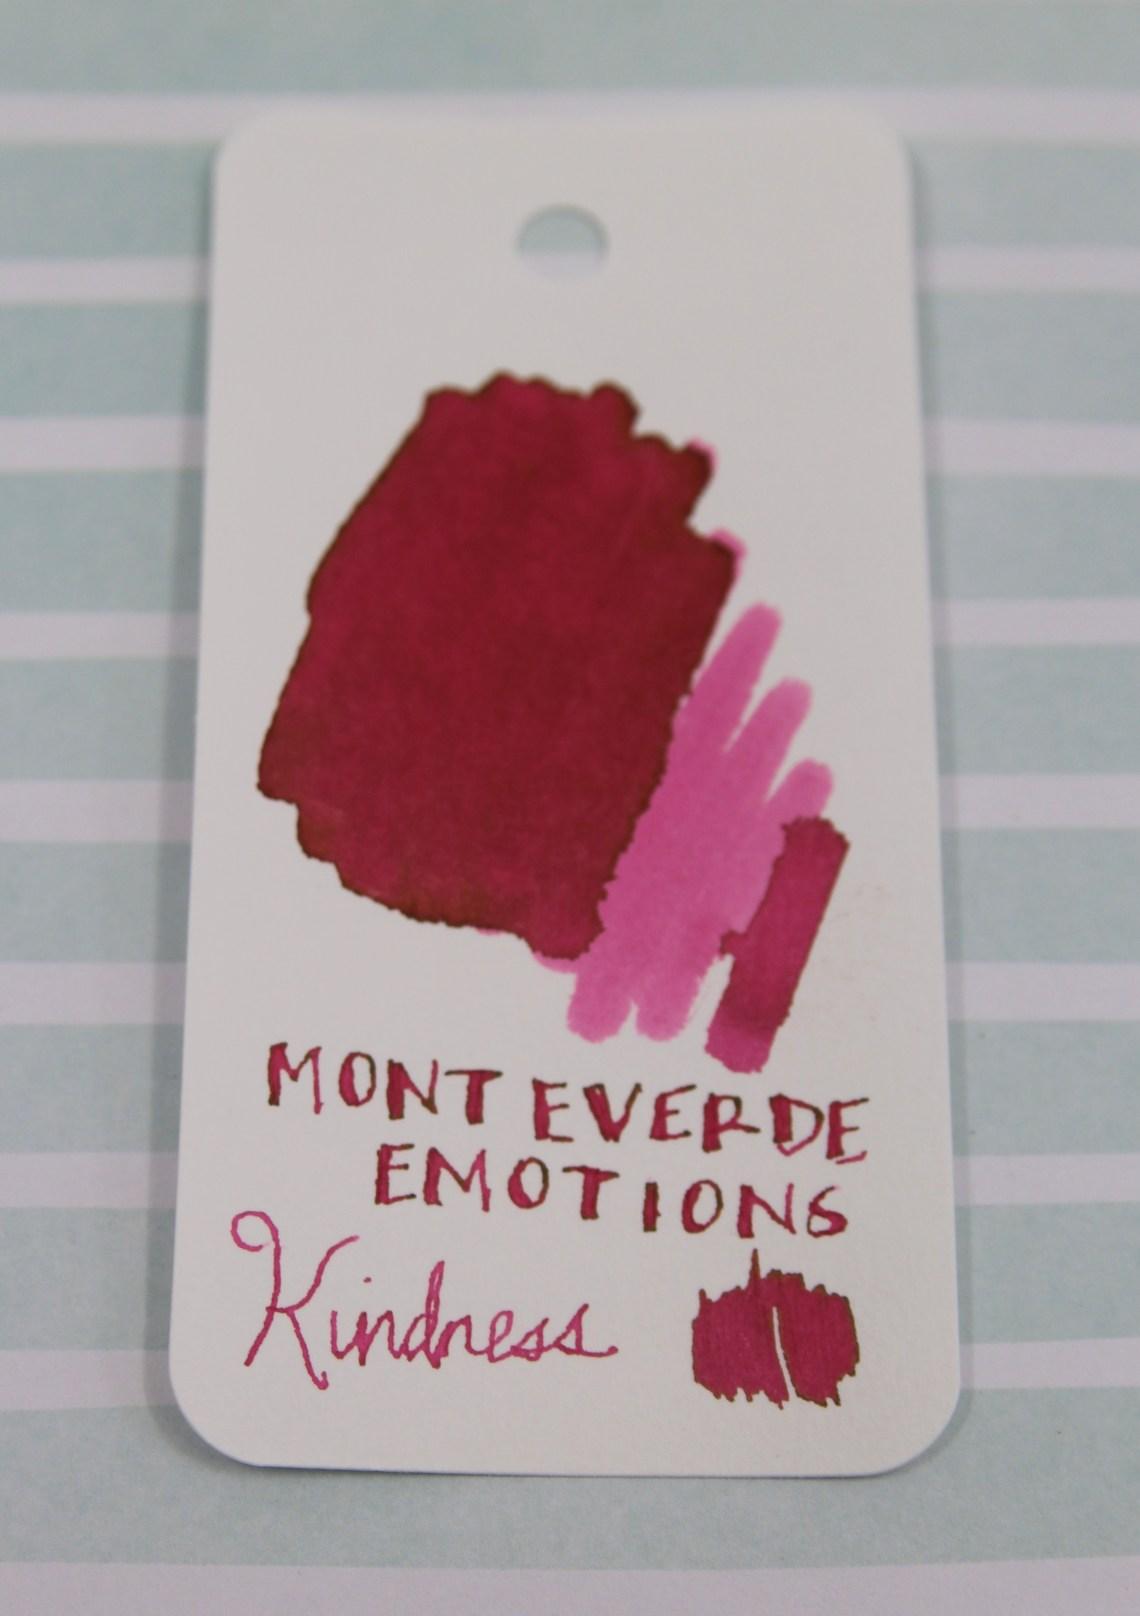 Monteverde Emotions Kindness